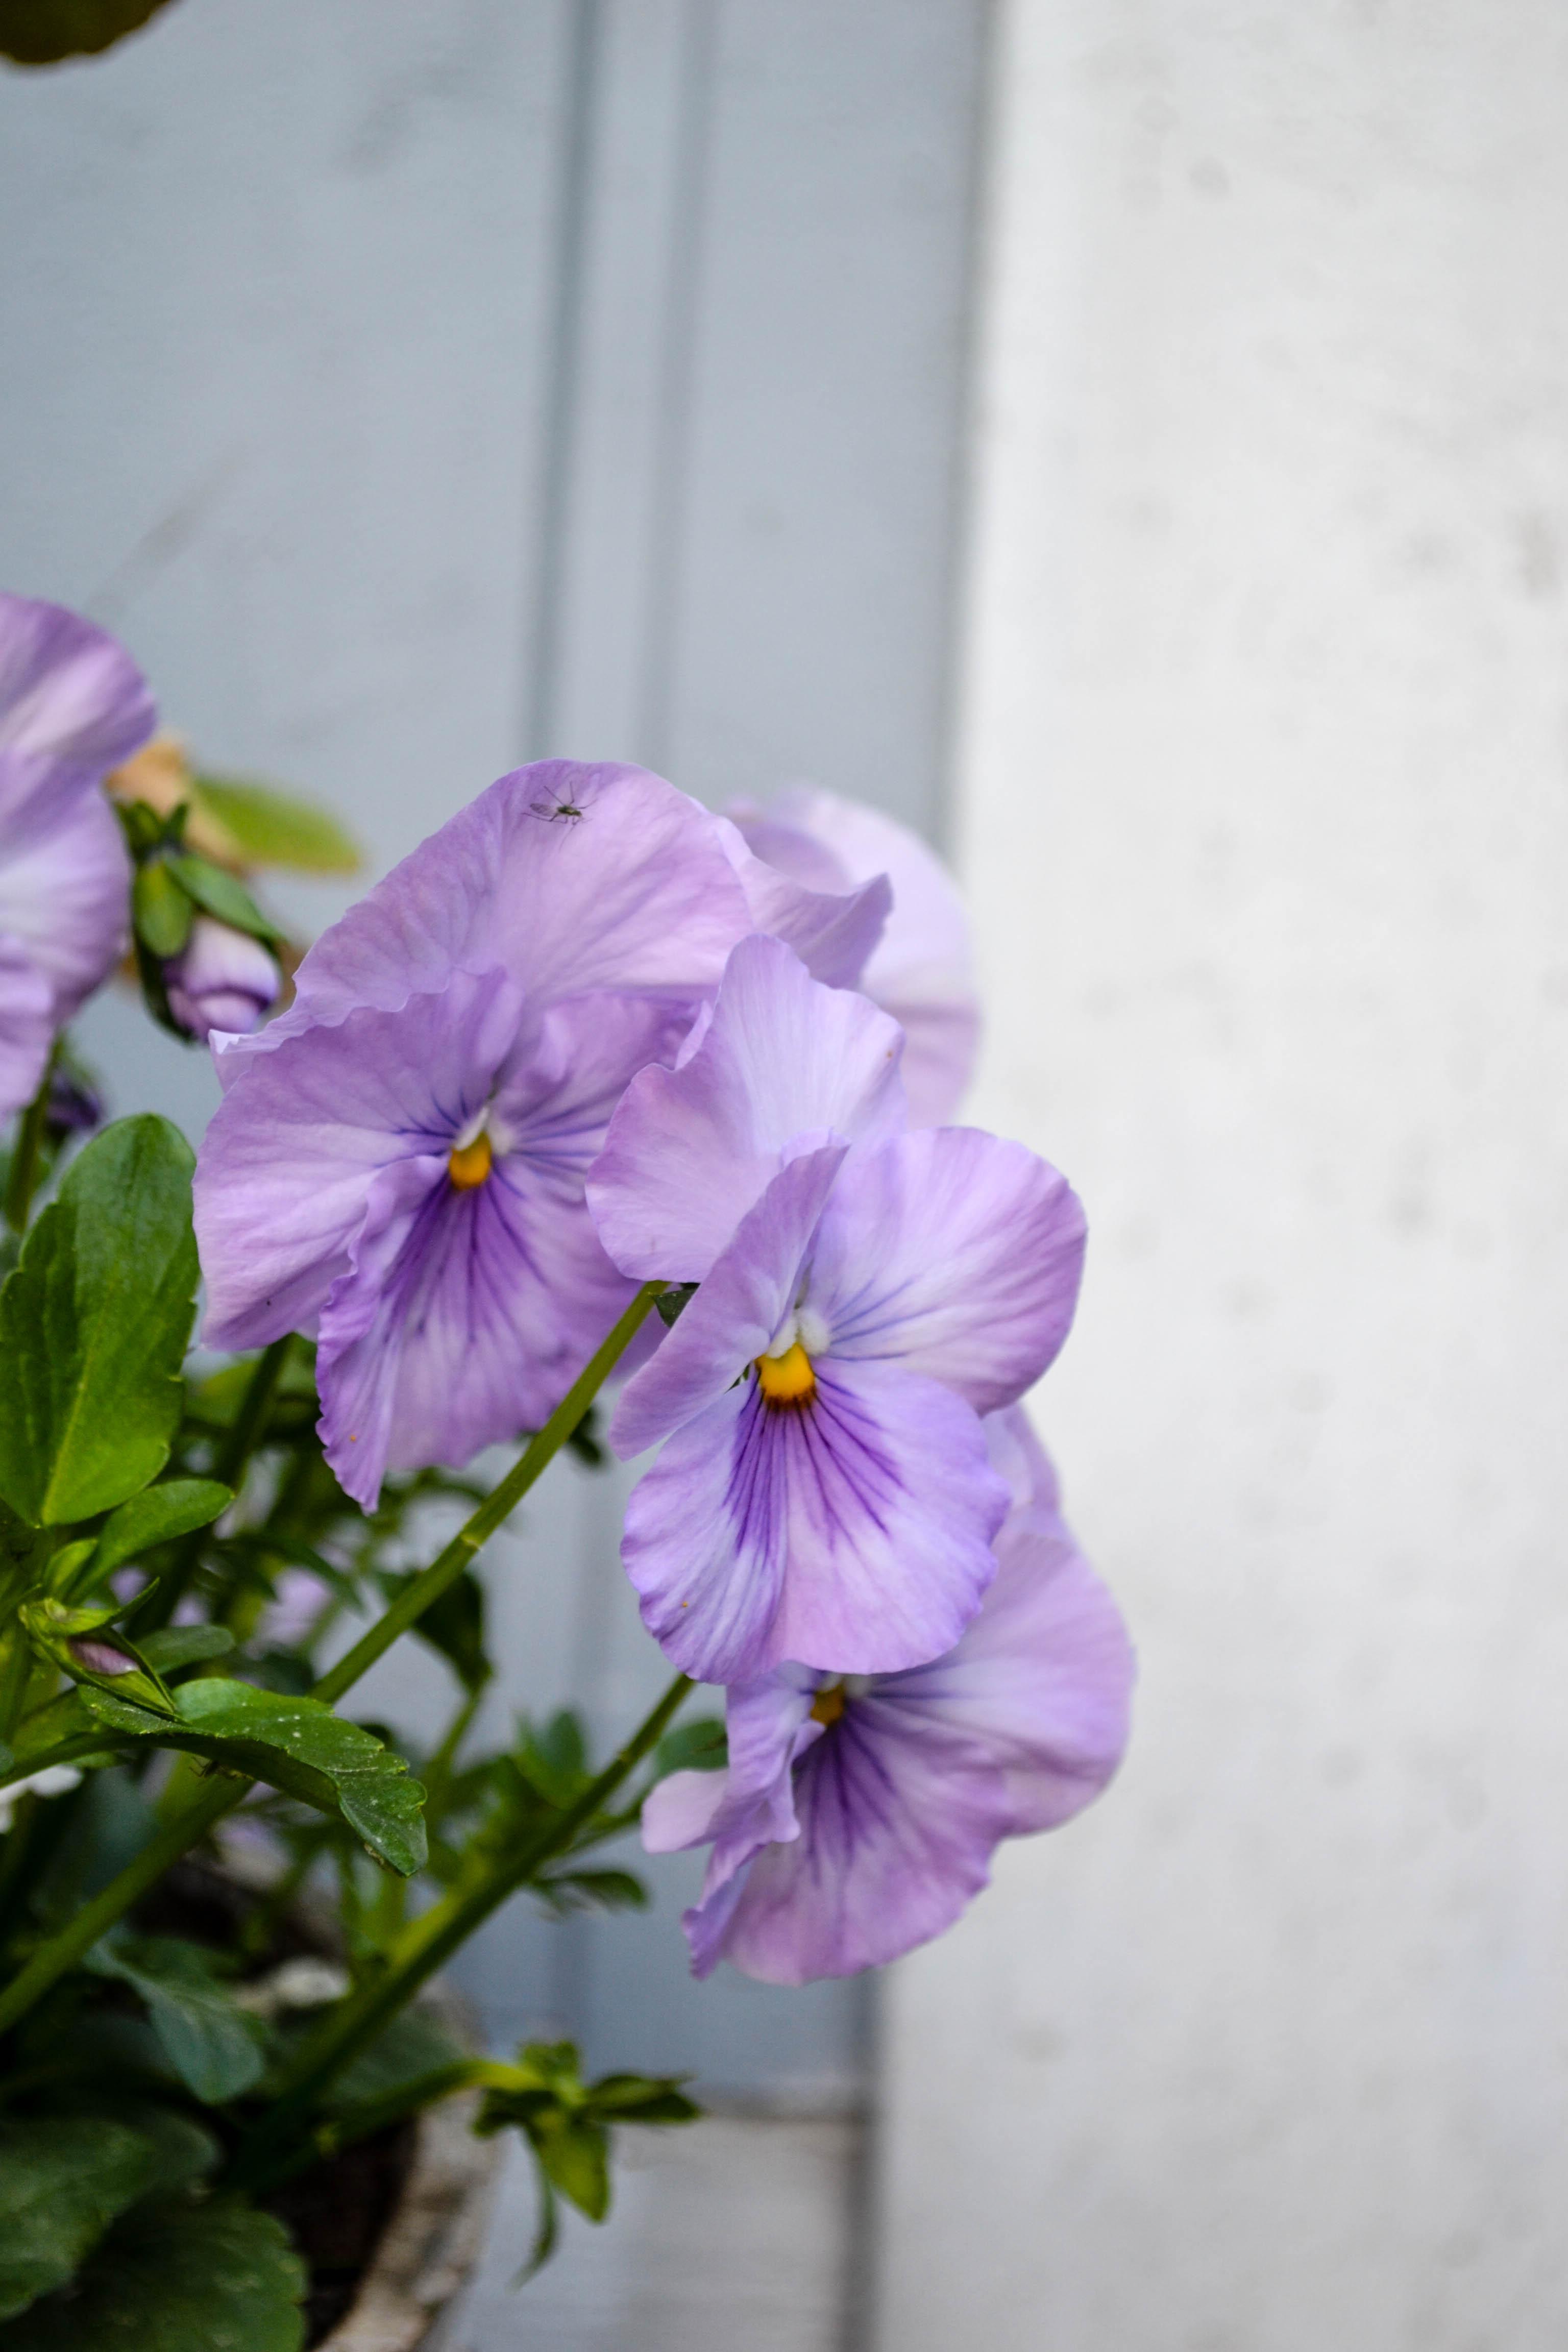 flowerdiaryS16 (10 of 13)